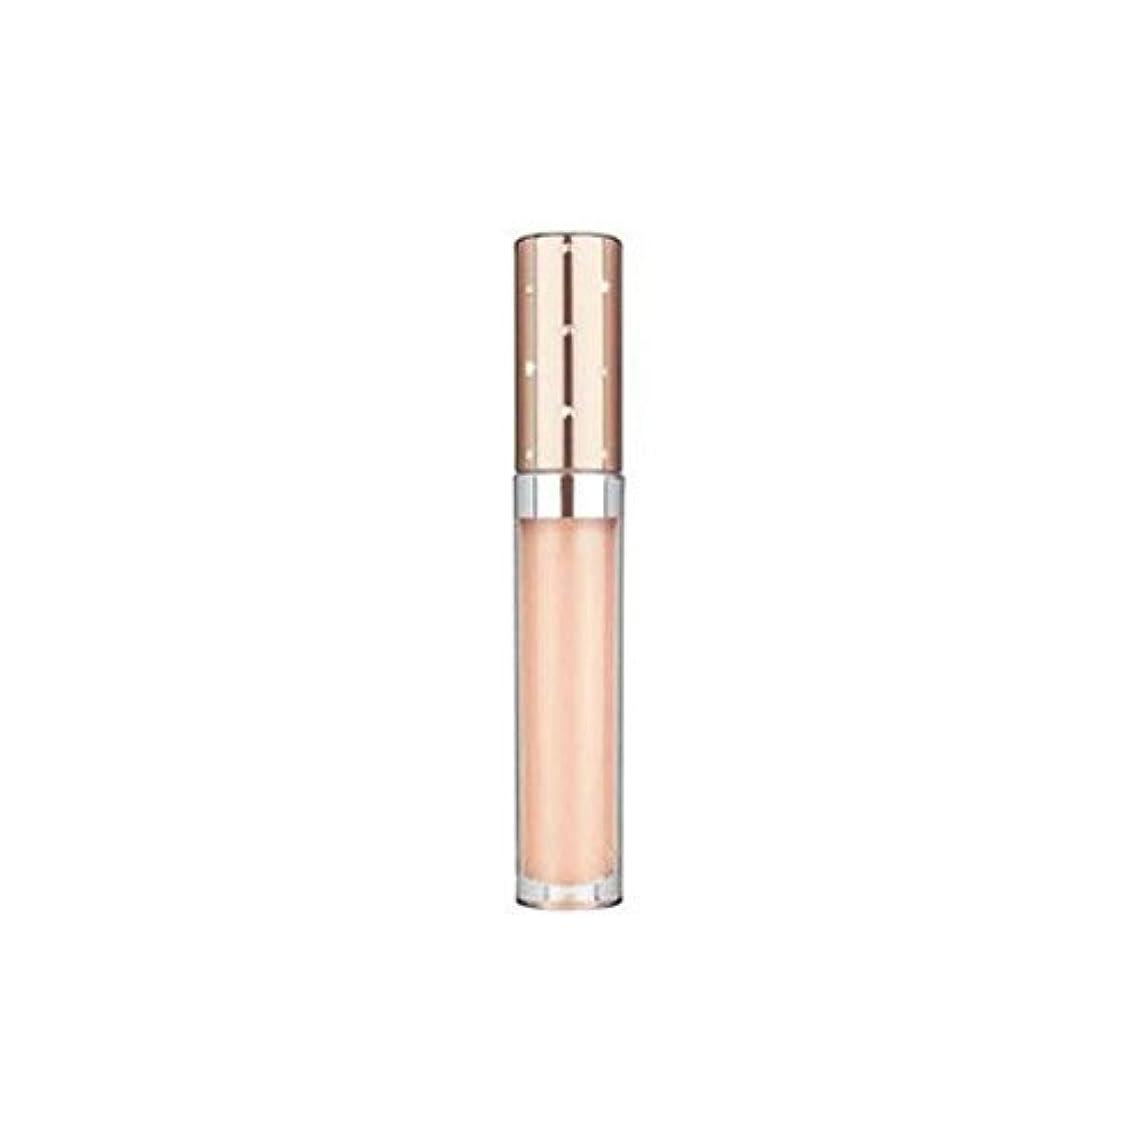 ささいなそれら敬礼Nubo Instant Lip Perfection Spf15 (5ml) - インスタントリップパーフェクション15(5ミリリットル) [並行輸入品]